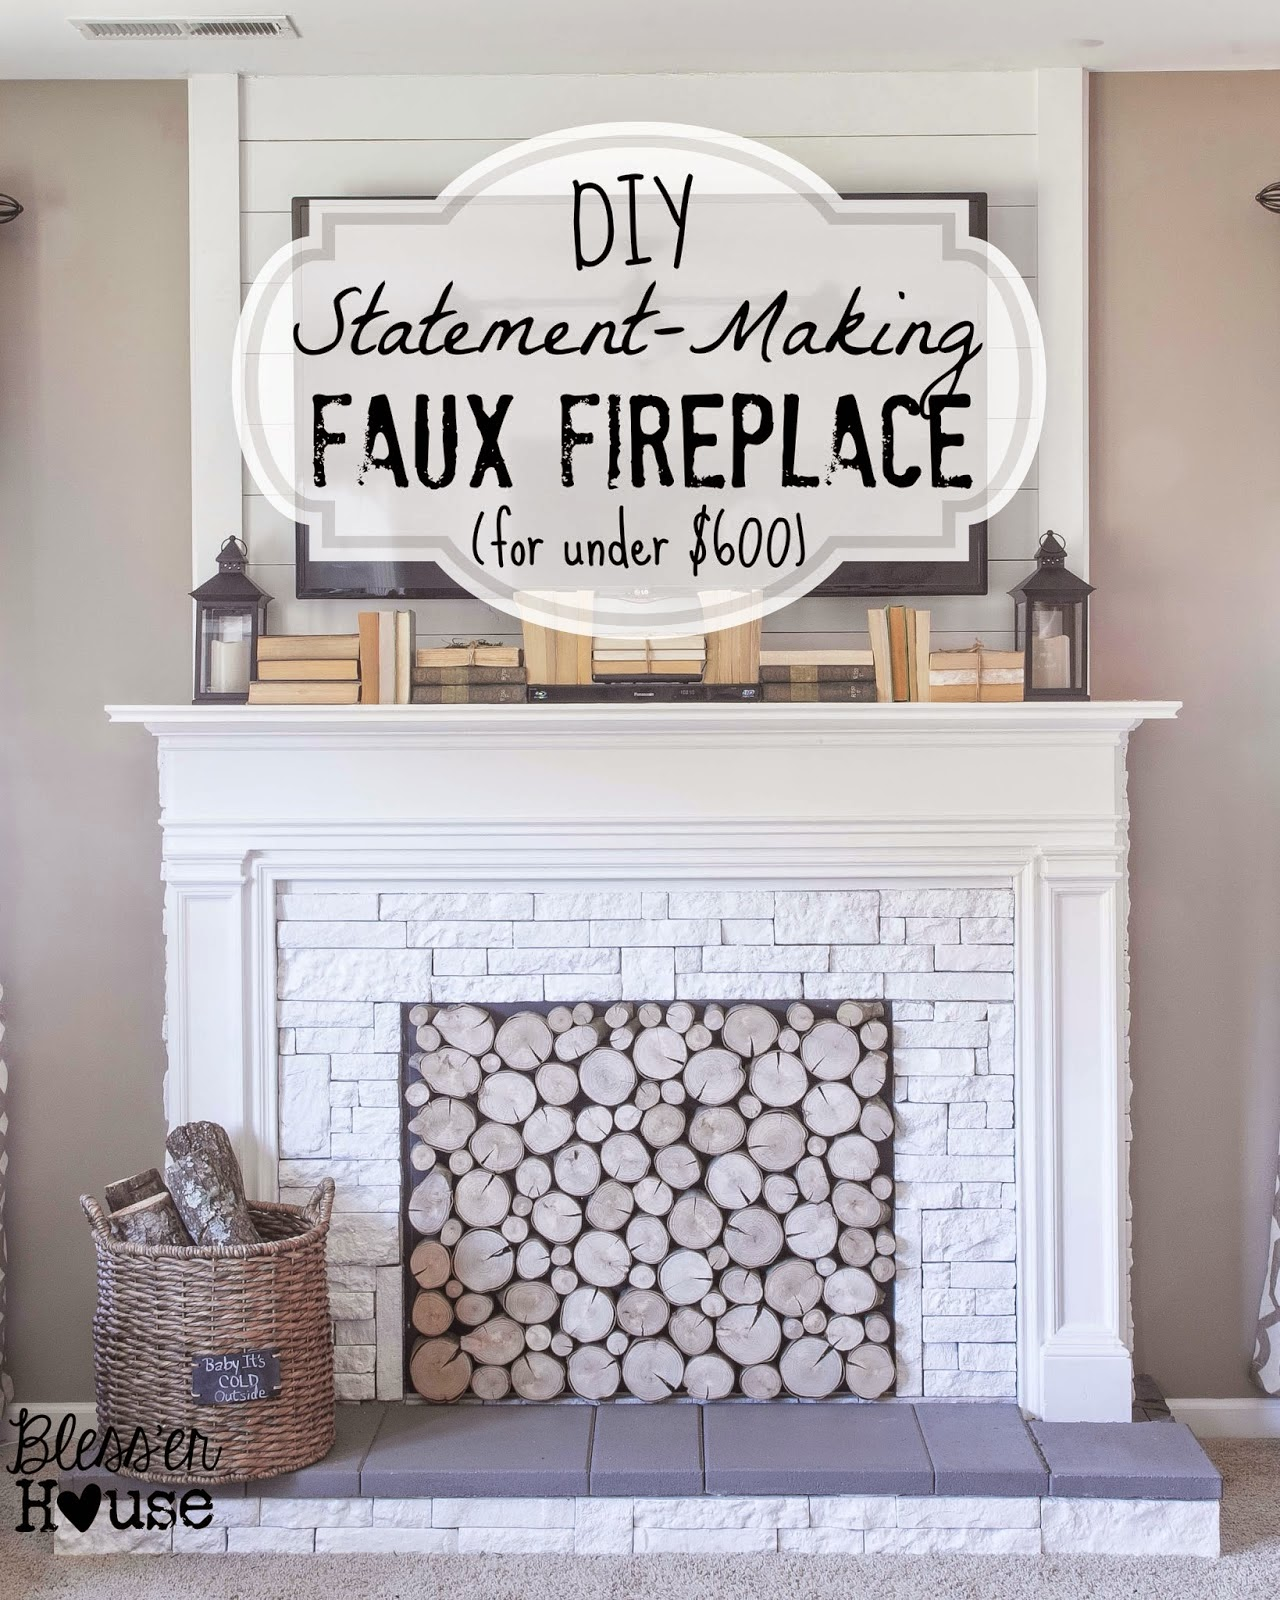 http://2.bp.blogspot.com/-XvqzDQhf0OM/VKtNNLxTytI/AAAAAAAAcFA/jPPYKiJORY0/s1600/faux-fireplace-diy-1.jpg